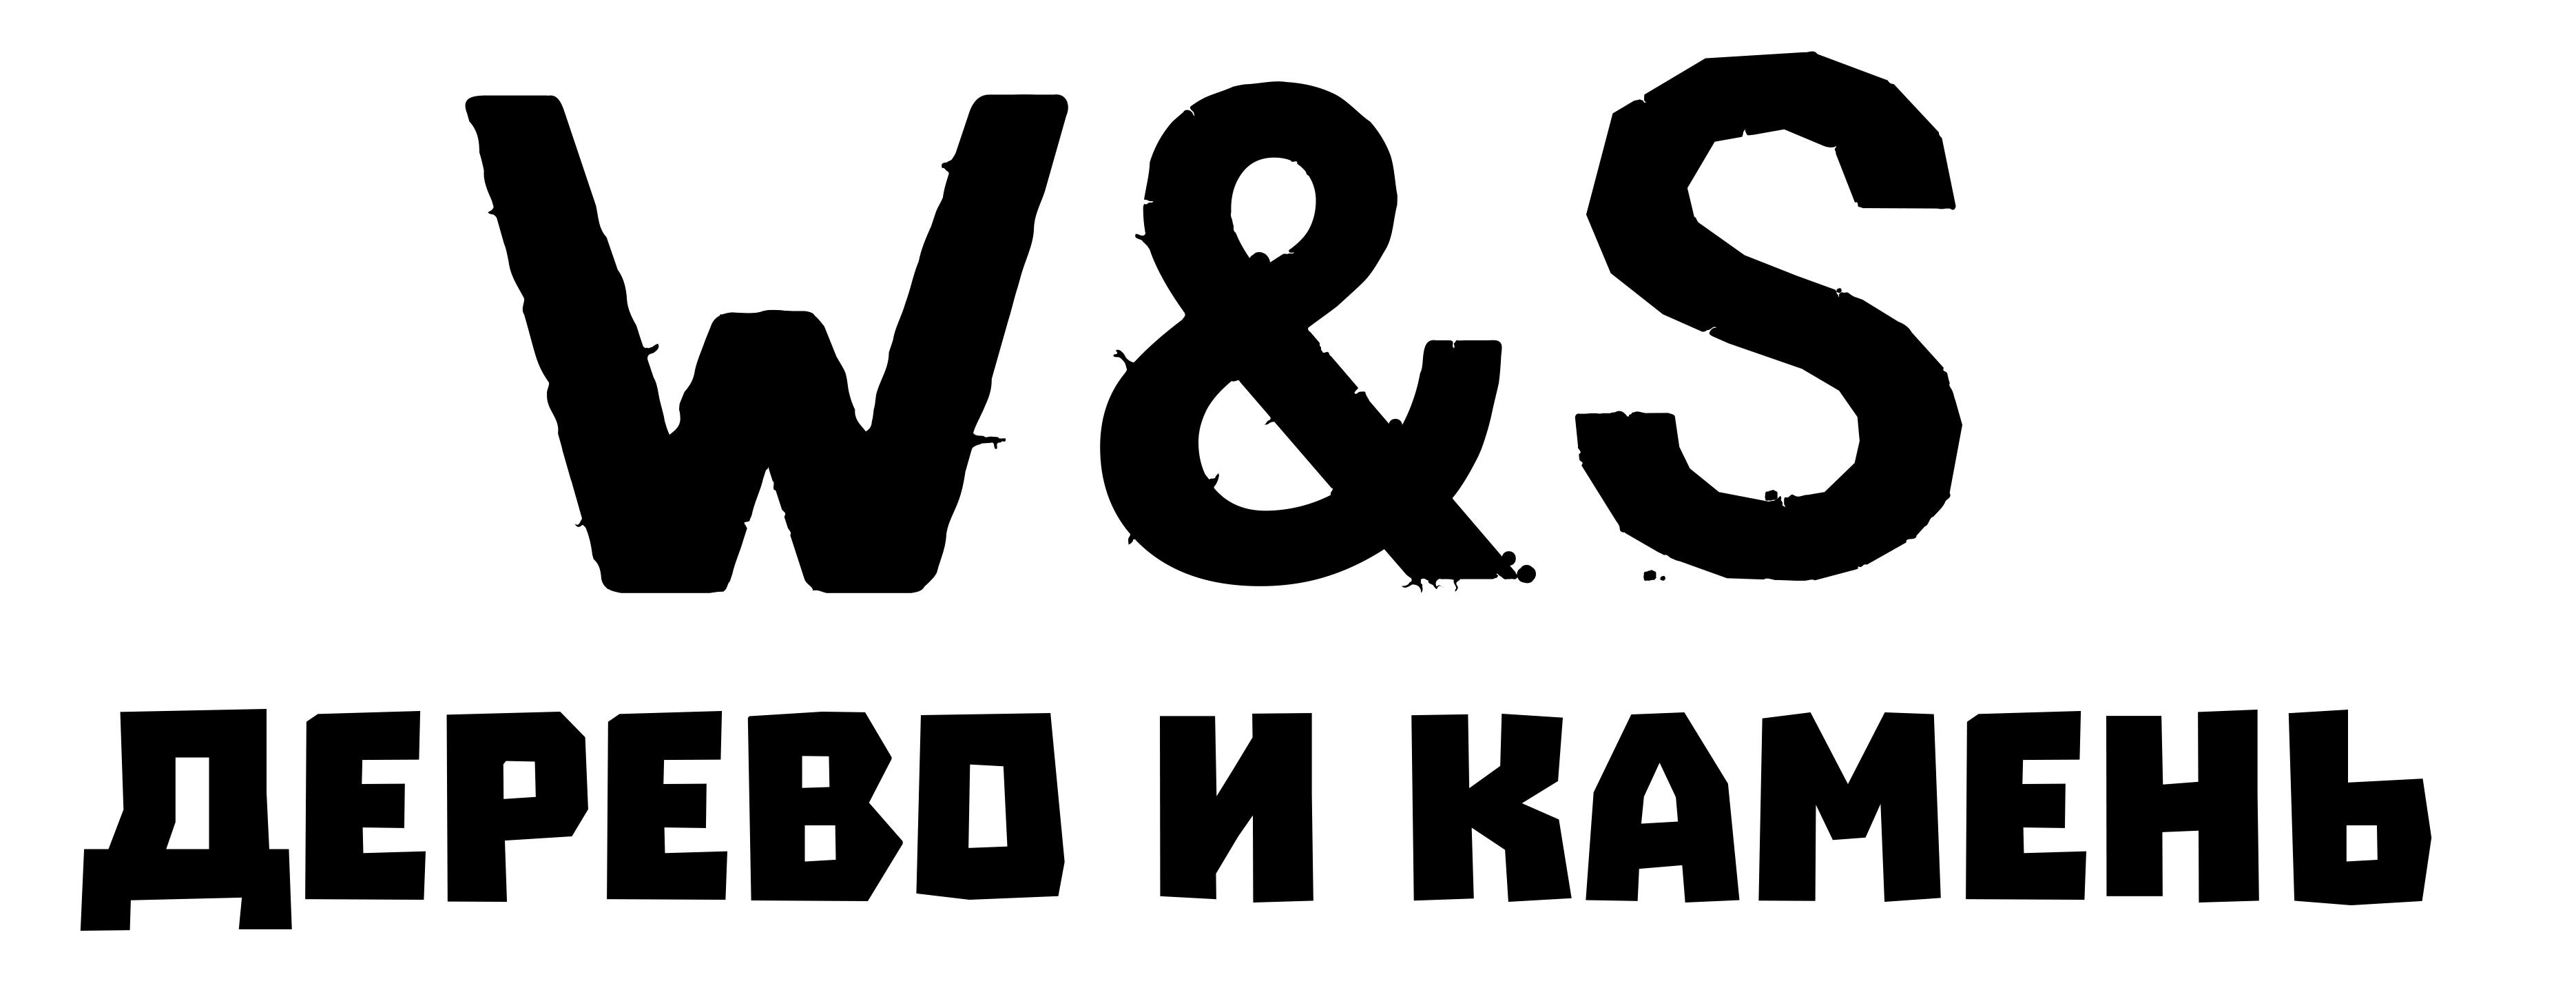 Логотип и Фирменный стиль фото f_27654ab009980b59.jpg